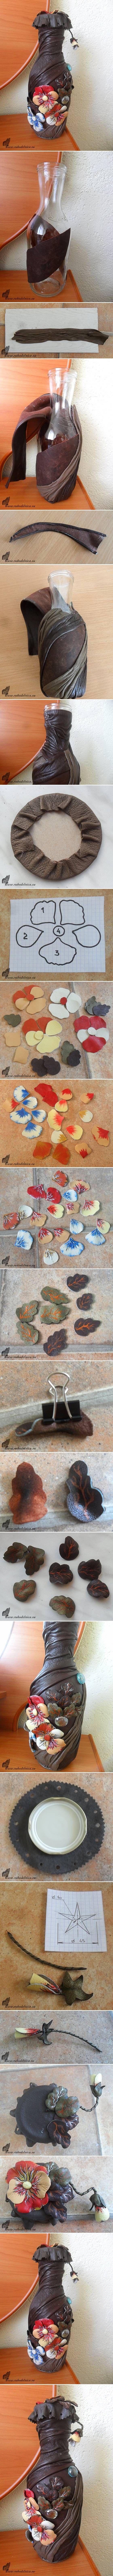 Reciclar  Garrafa- Garrafa Decorada com Flores de Fantasia // DIY Flower Fantasy Decorated Bottle